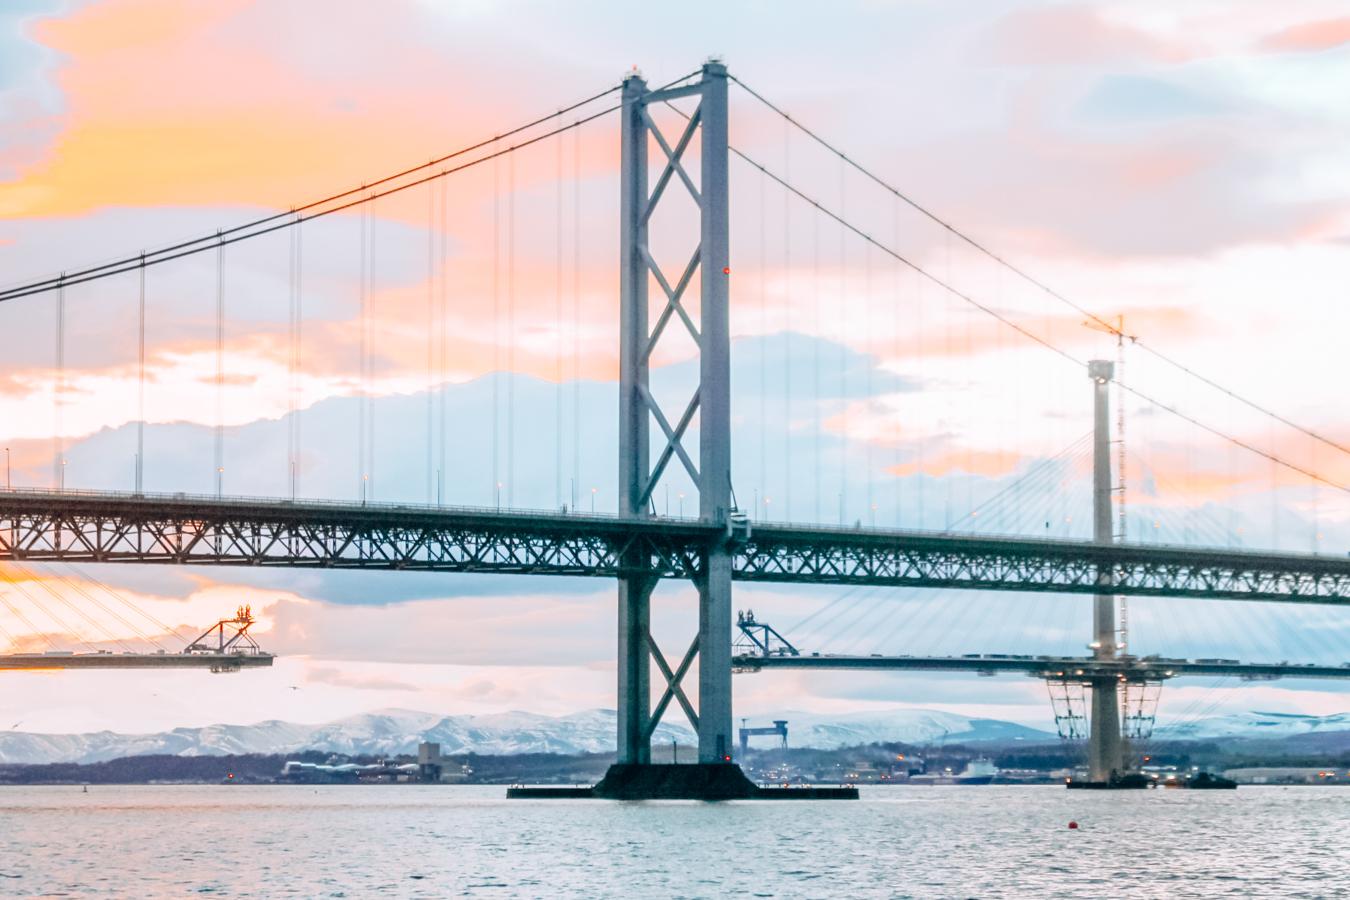 Bridge in Edinburgh